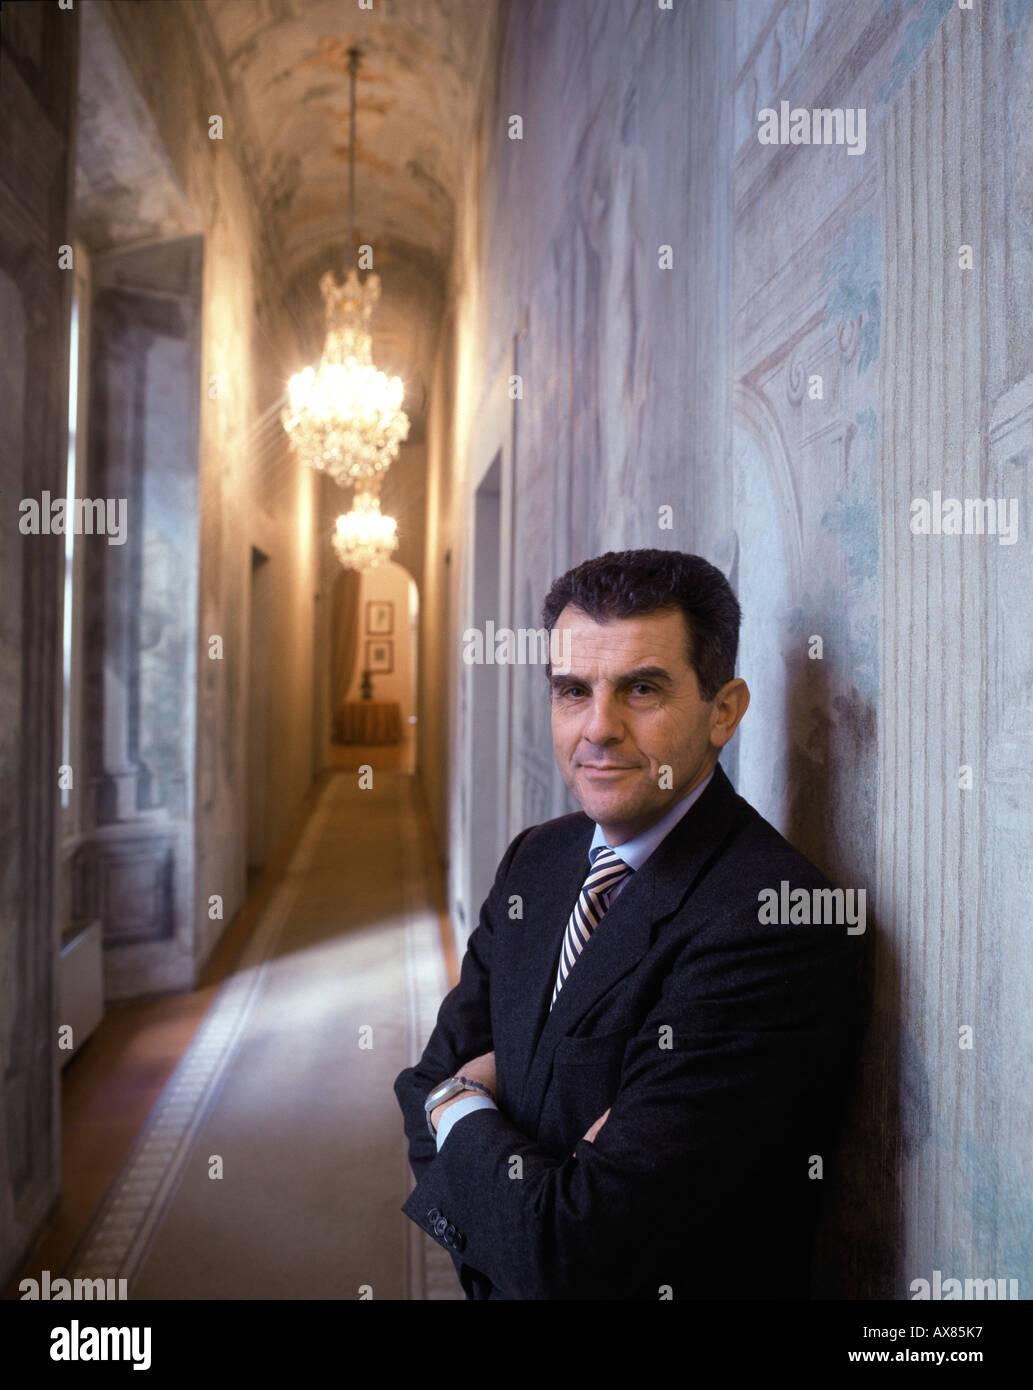 Feruccio Ferragamo, son of Salvatore, CEO, internat. fashion label, Palazzo Spini, Florence, Italy - Stock Image